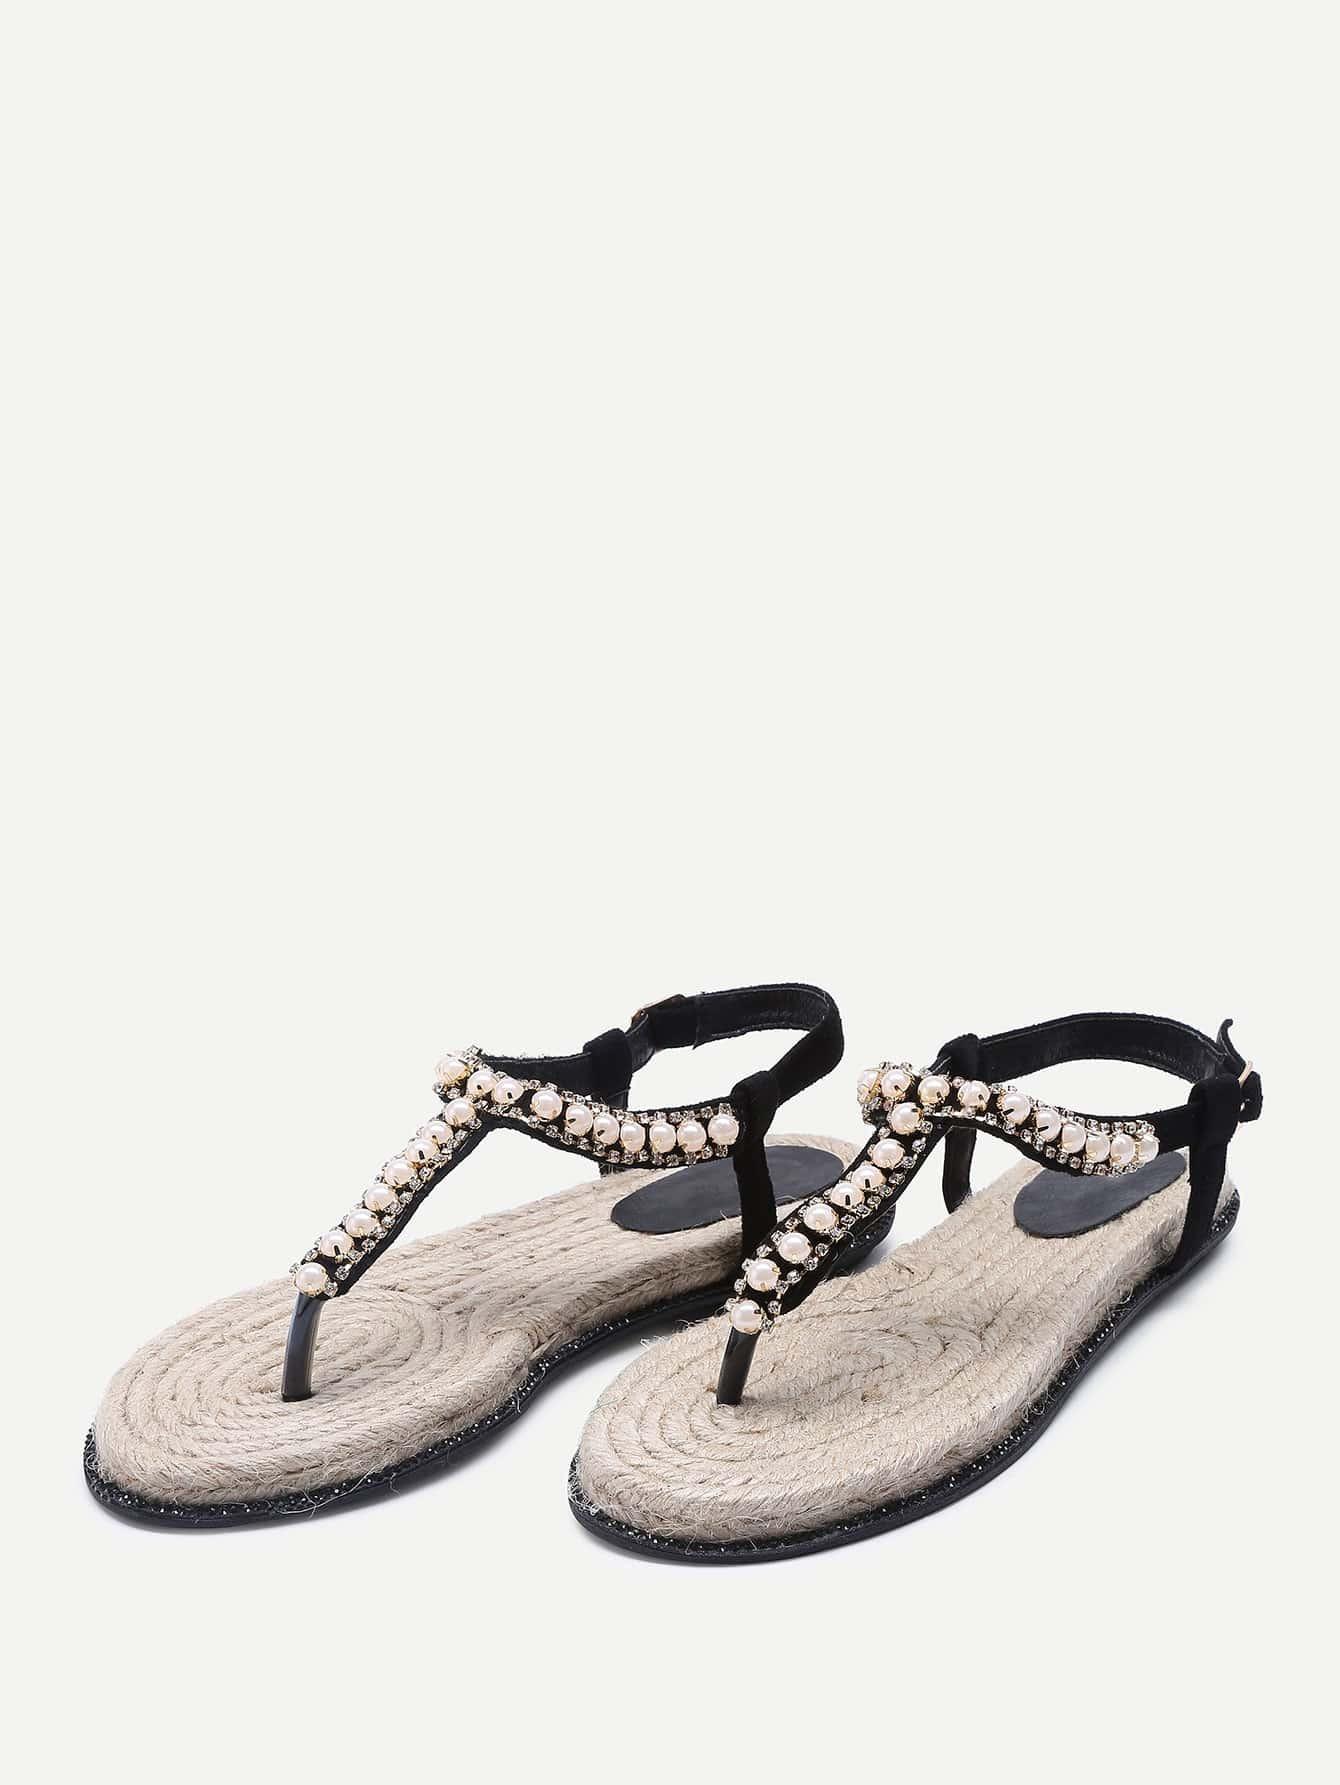 shoes170419810_2